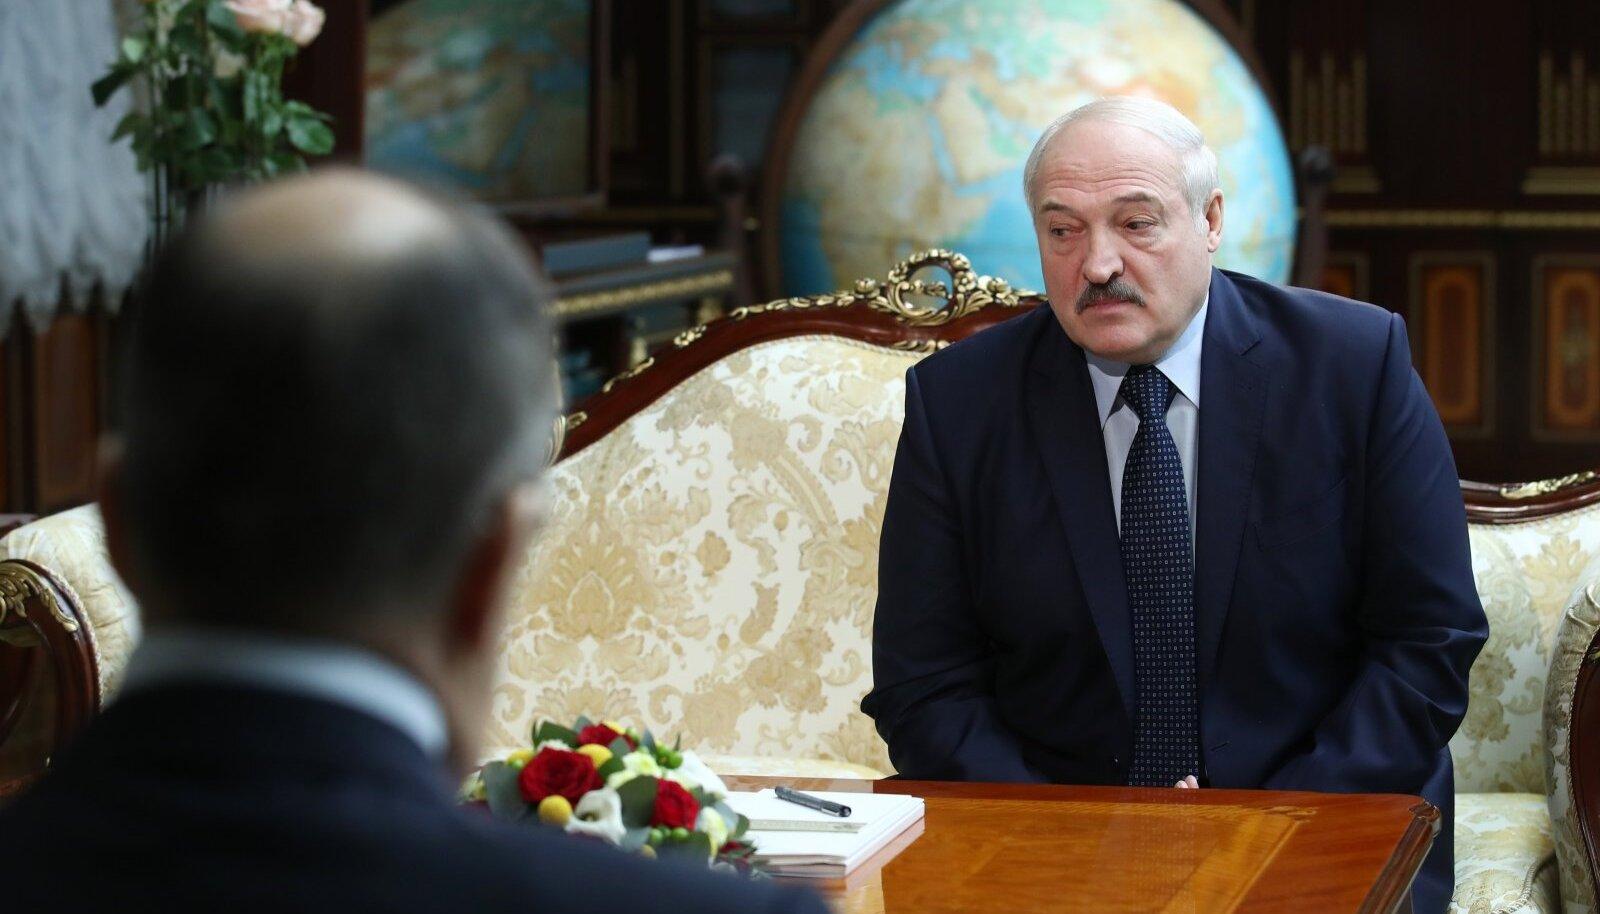 Aljaksandr Lukašenka andis pärast Venemaa välisministriga kohtumist uue lahkumislubaduse.